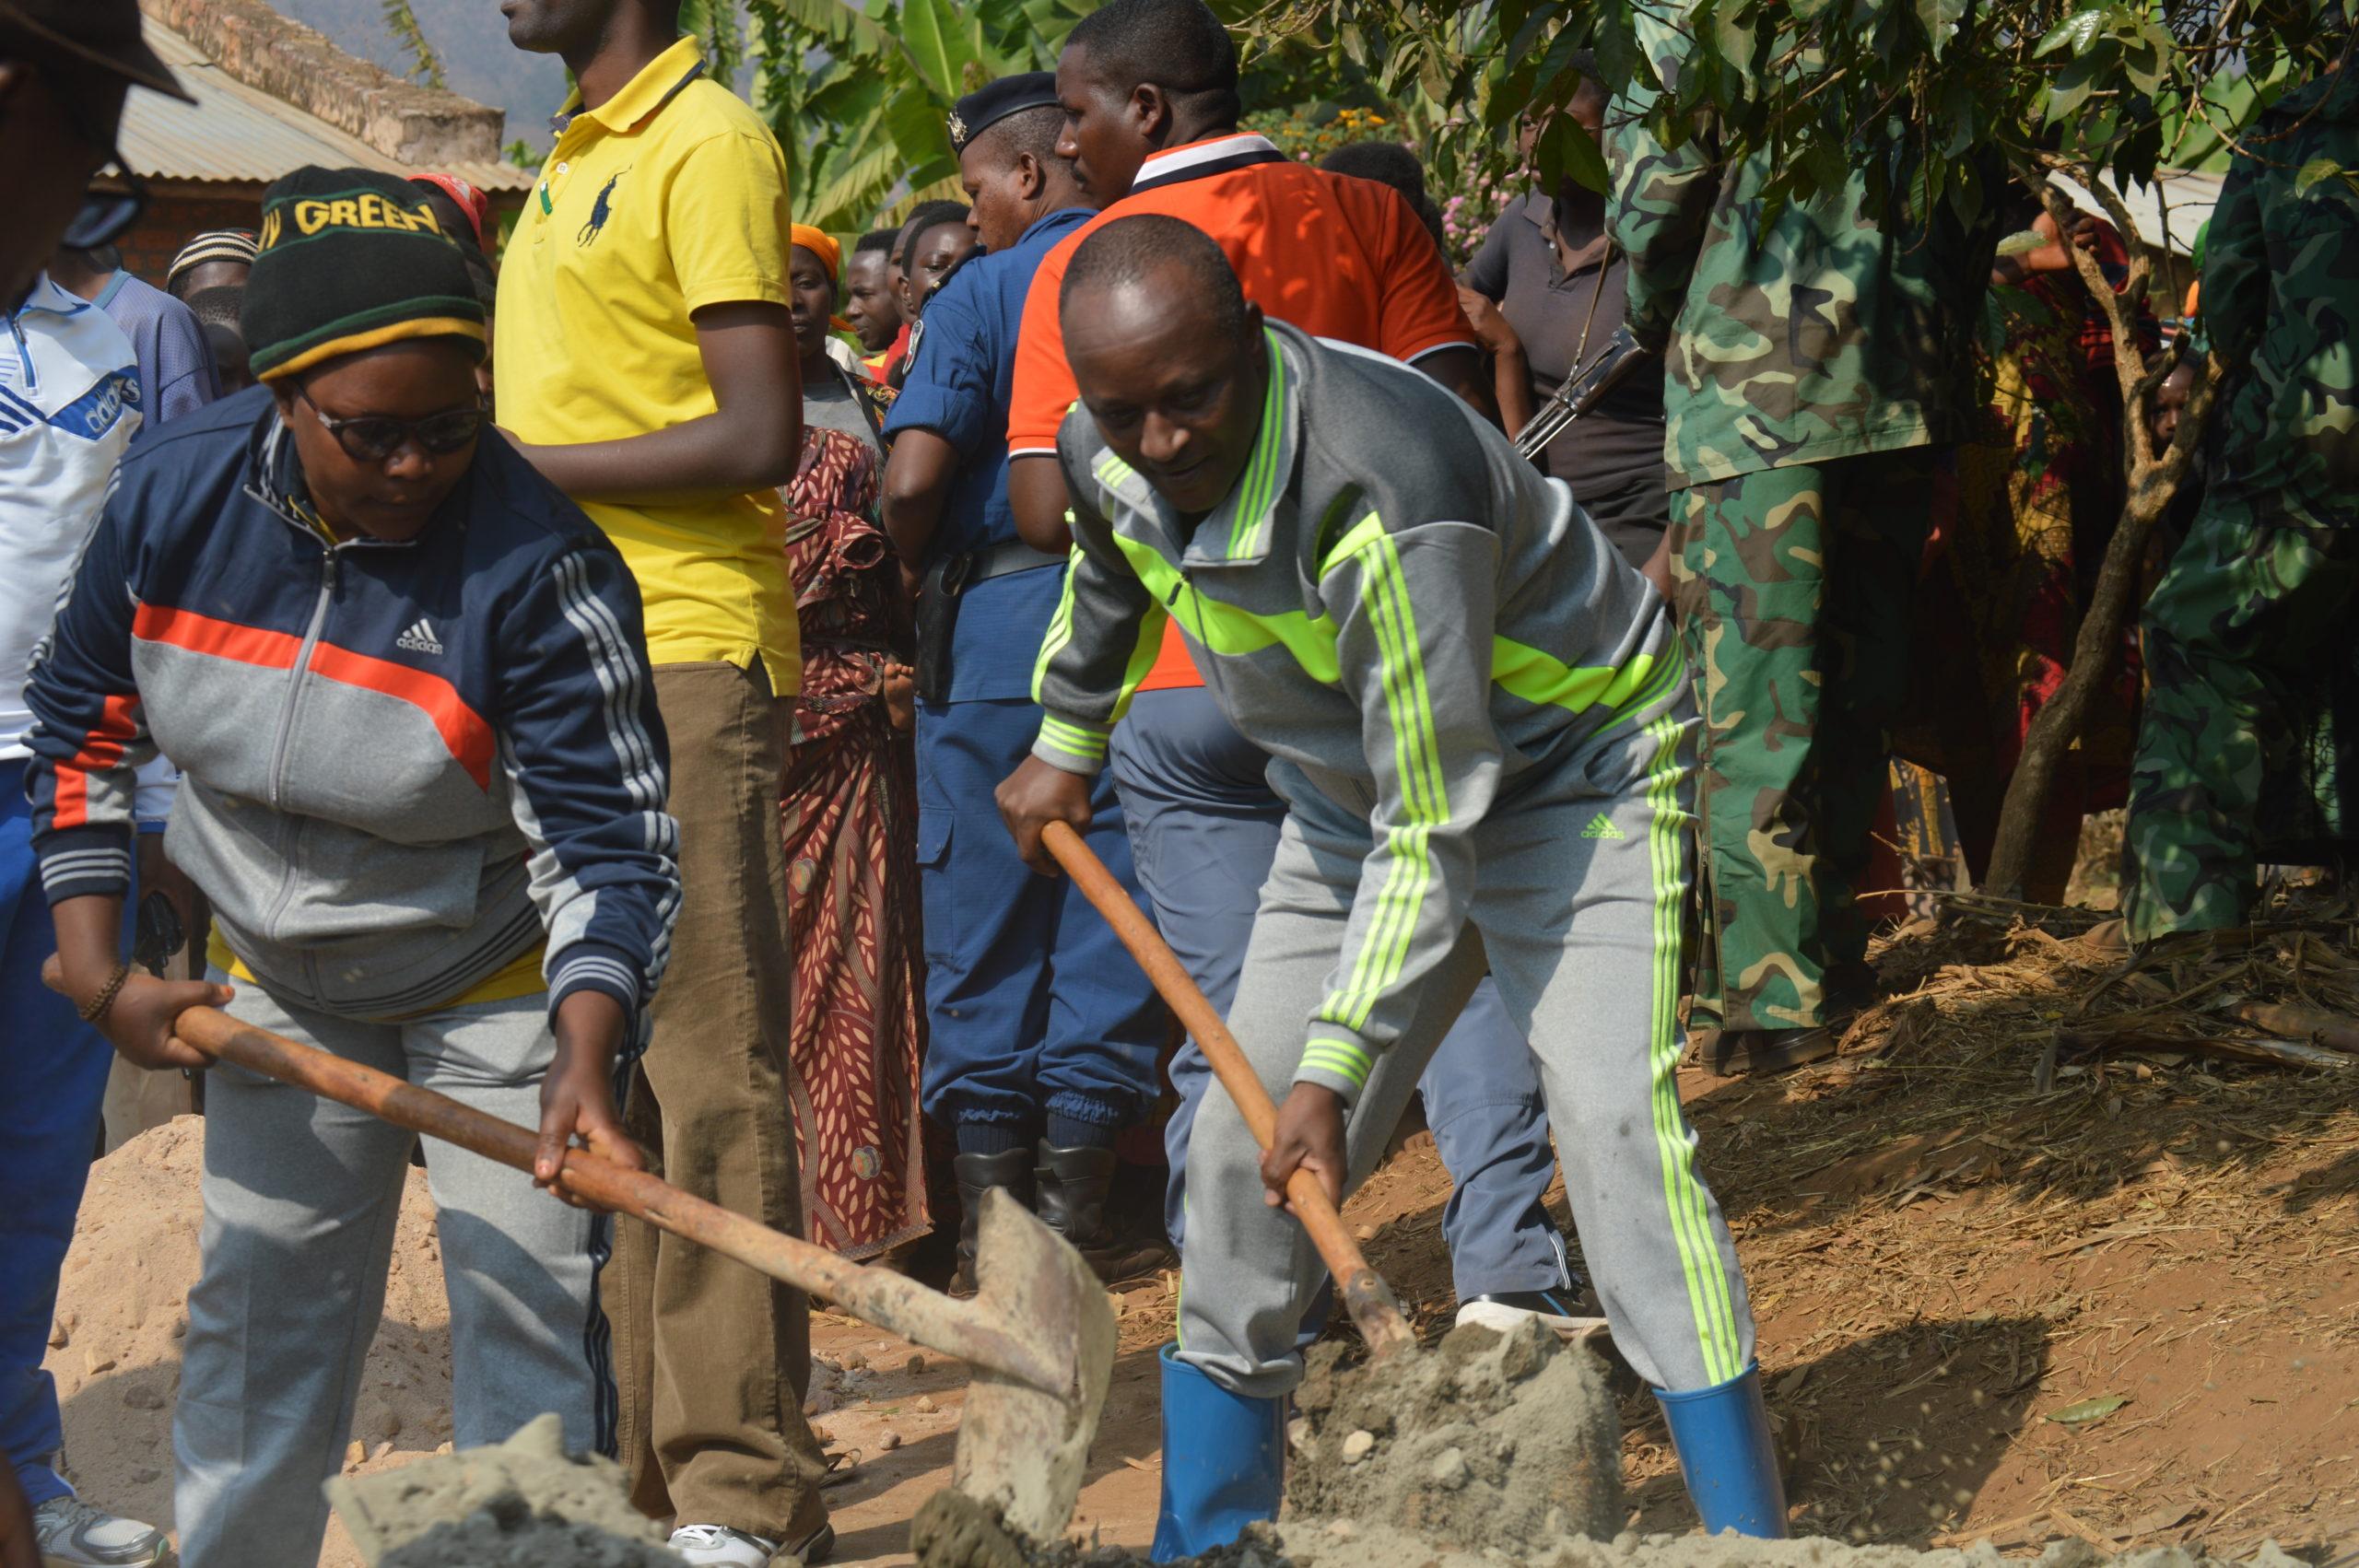 Son Excellence le Premier Vice-Président de la République dans les travaux de développement communautaire en commune Bukirasazi